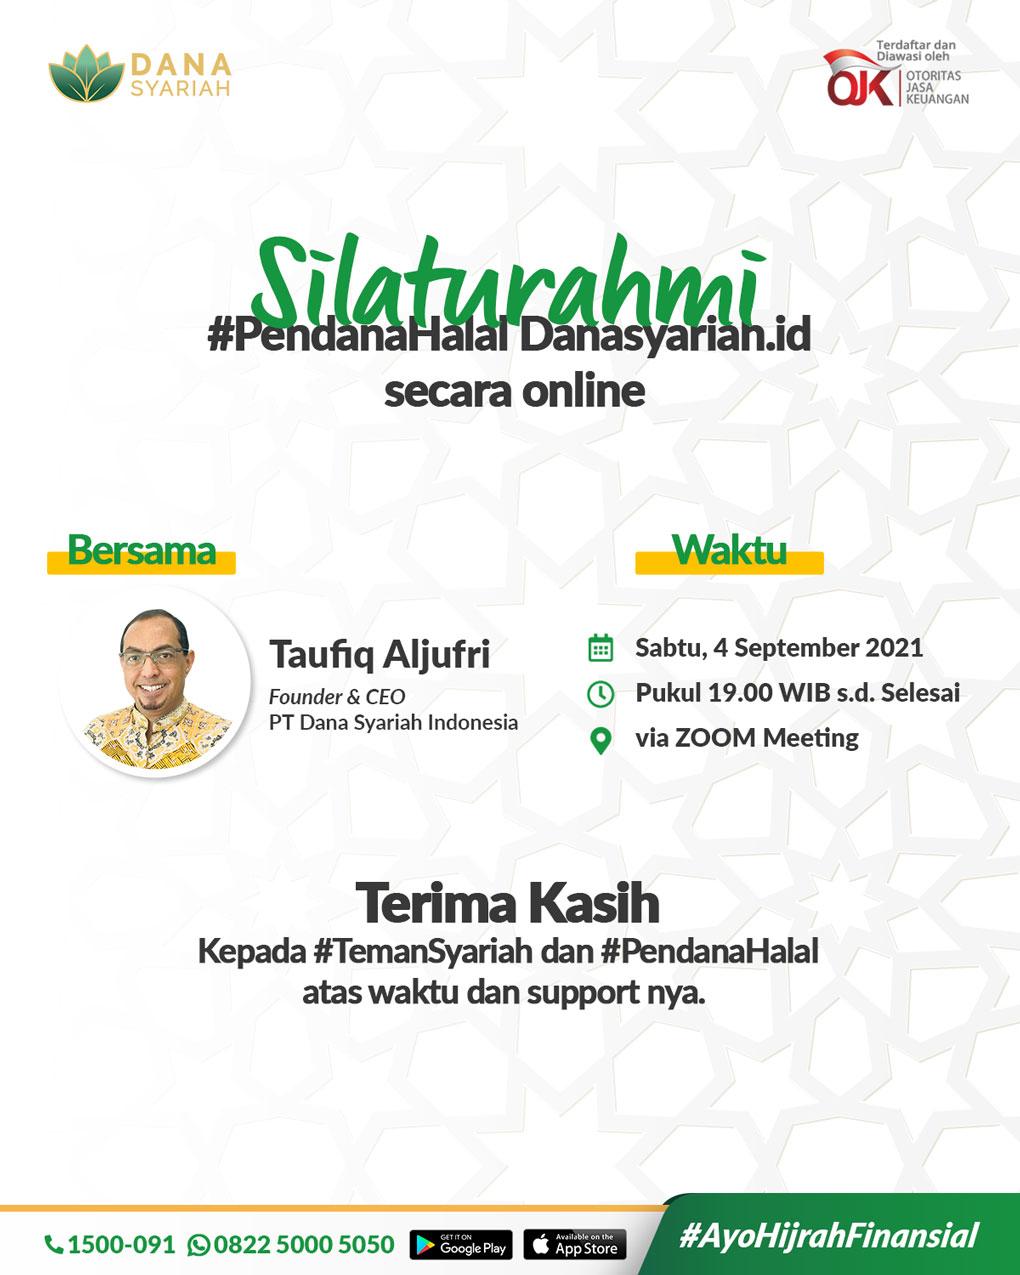 Dana Syariah Silaturahmi #PendanaHalal Danasyariah.id